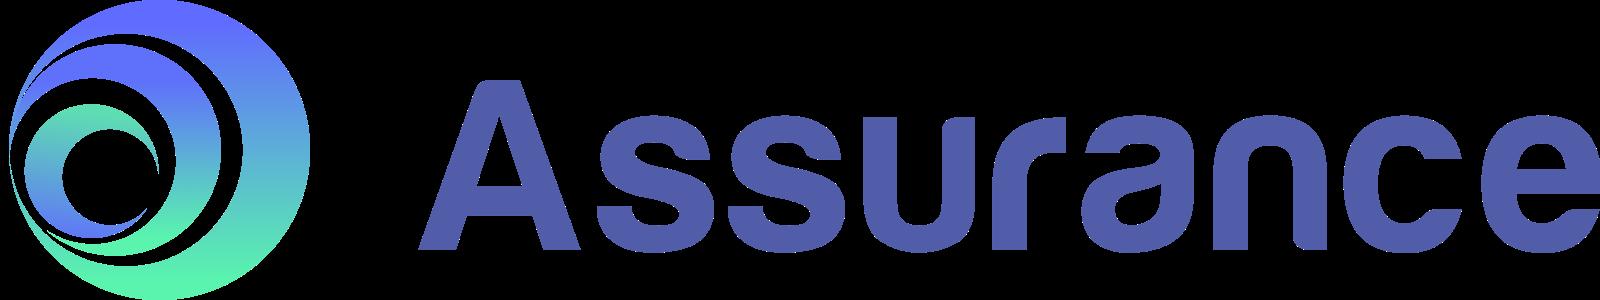 Assurance Software logo